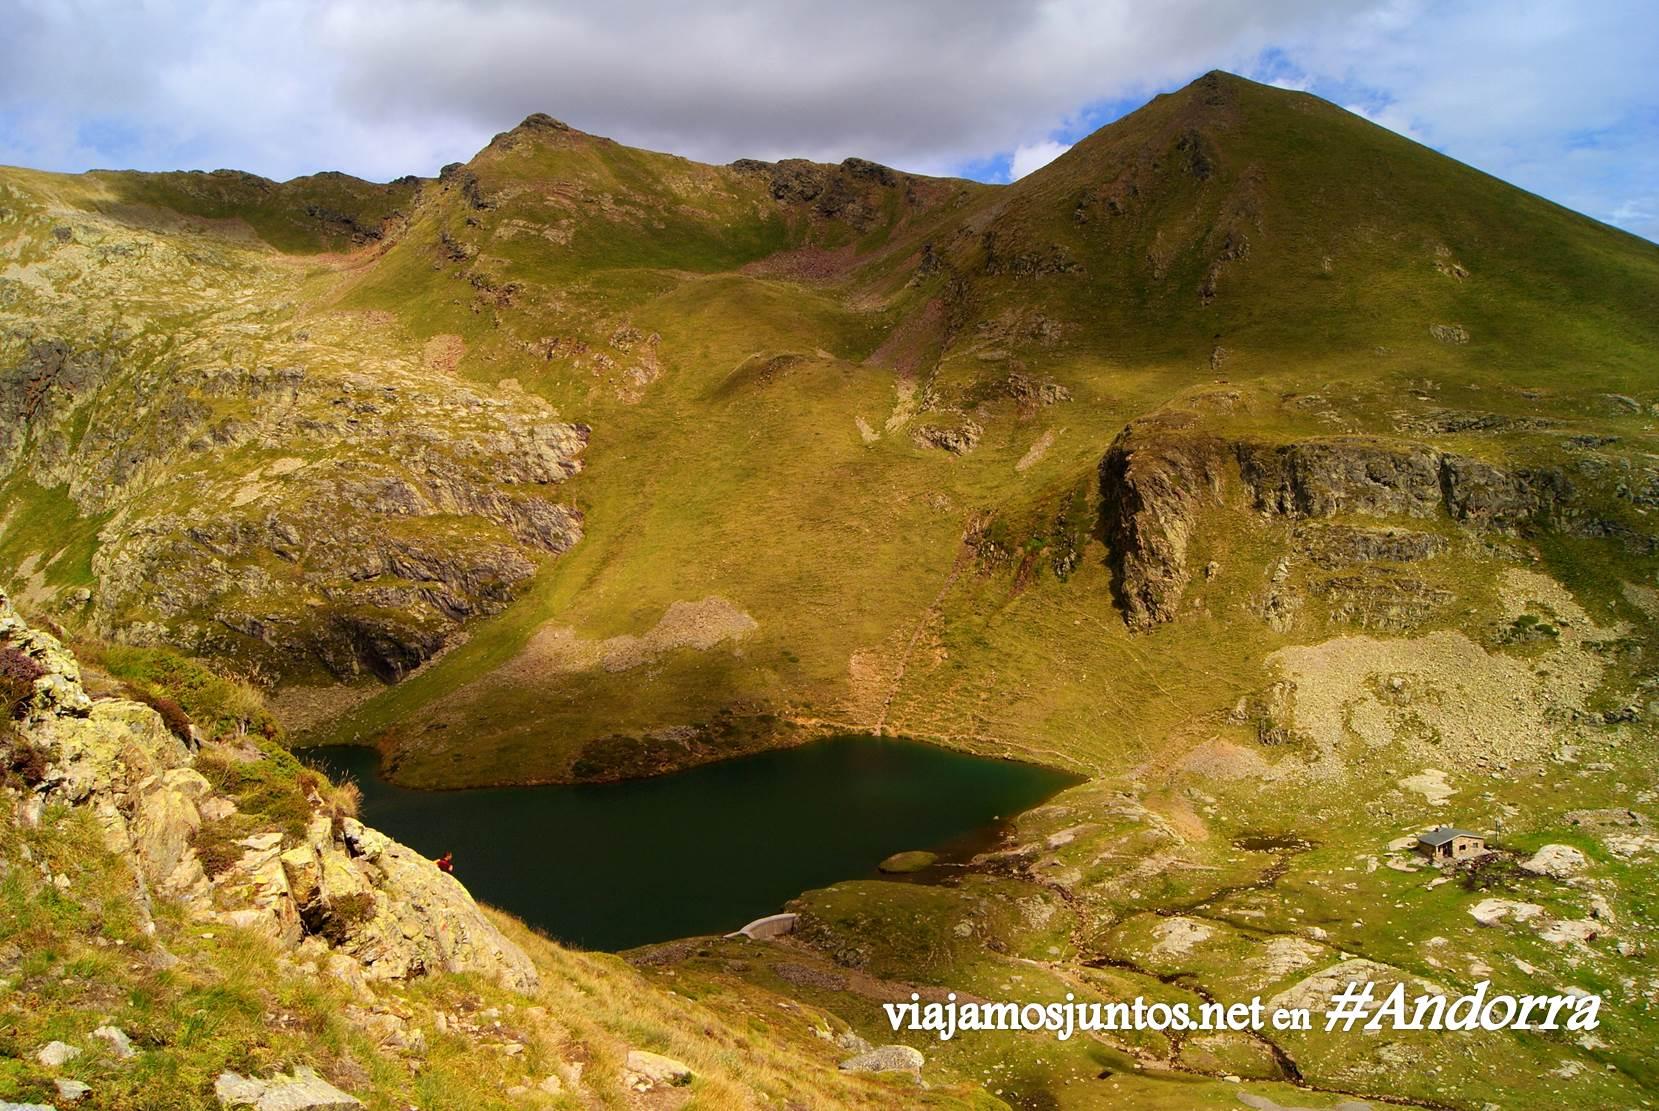 Desde el refugio de Cabana Sorda, Andorra trekking, Pirineo Oriental